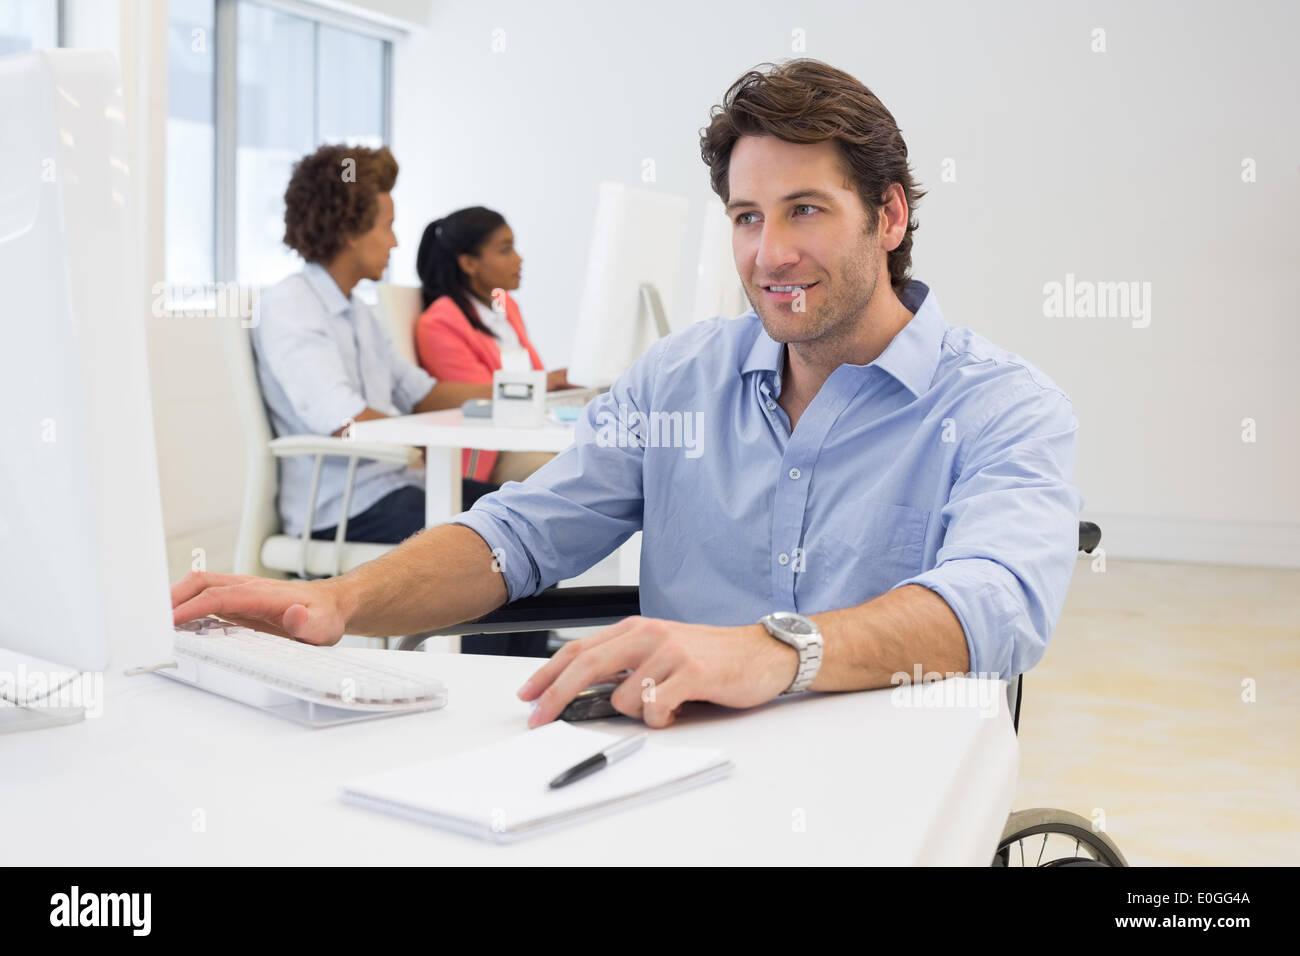 Imprenditore con disabilità lavora duro Immagini Stock